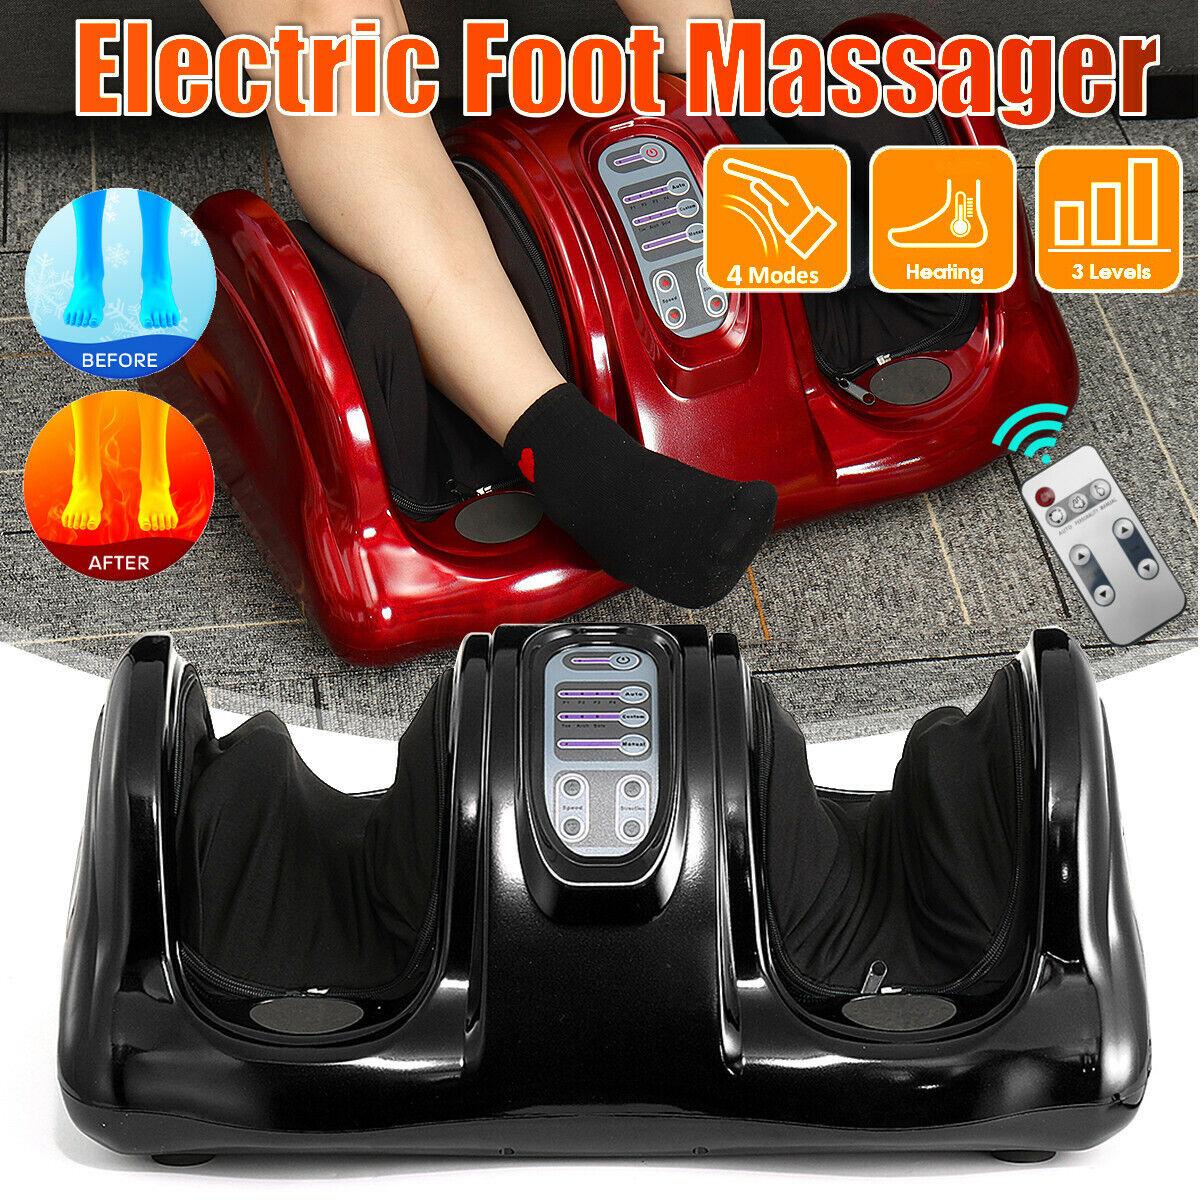 Shiatsu Bein Fussmassagegerät Wärmefunktion Elektrisch Fuß Reflexzonen Massage